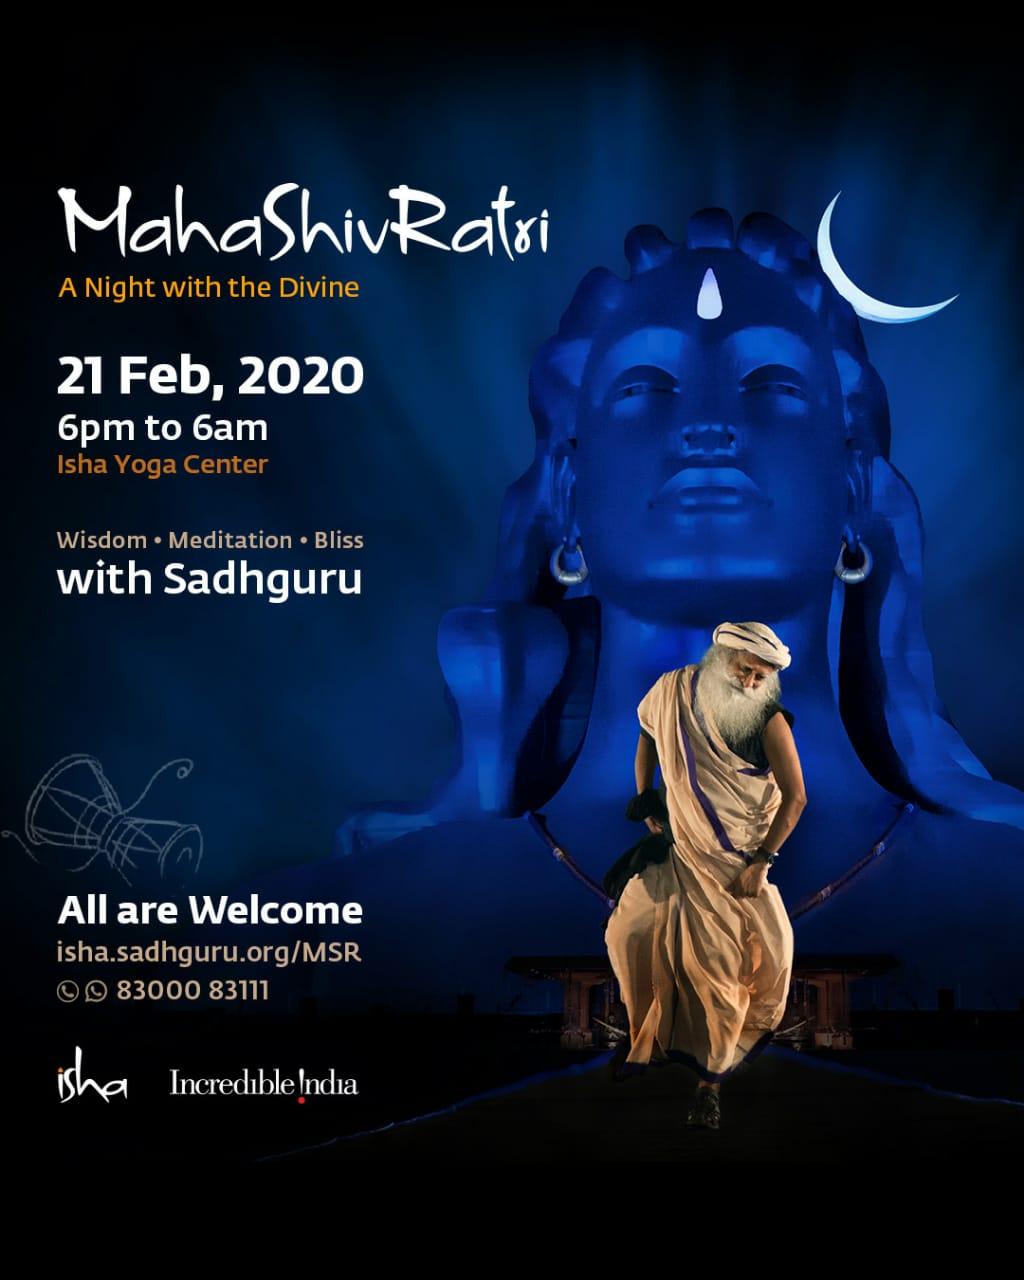 Mahashivaratri india event Flyer